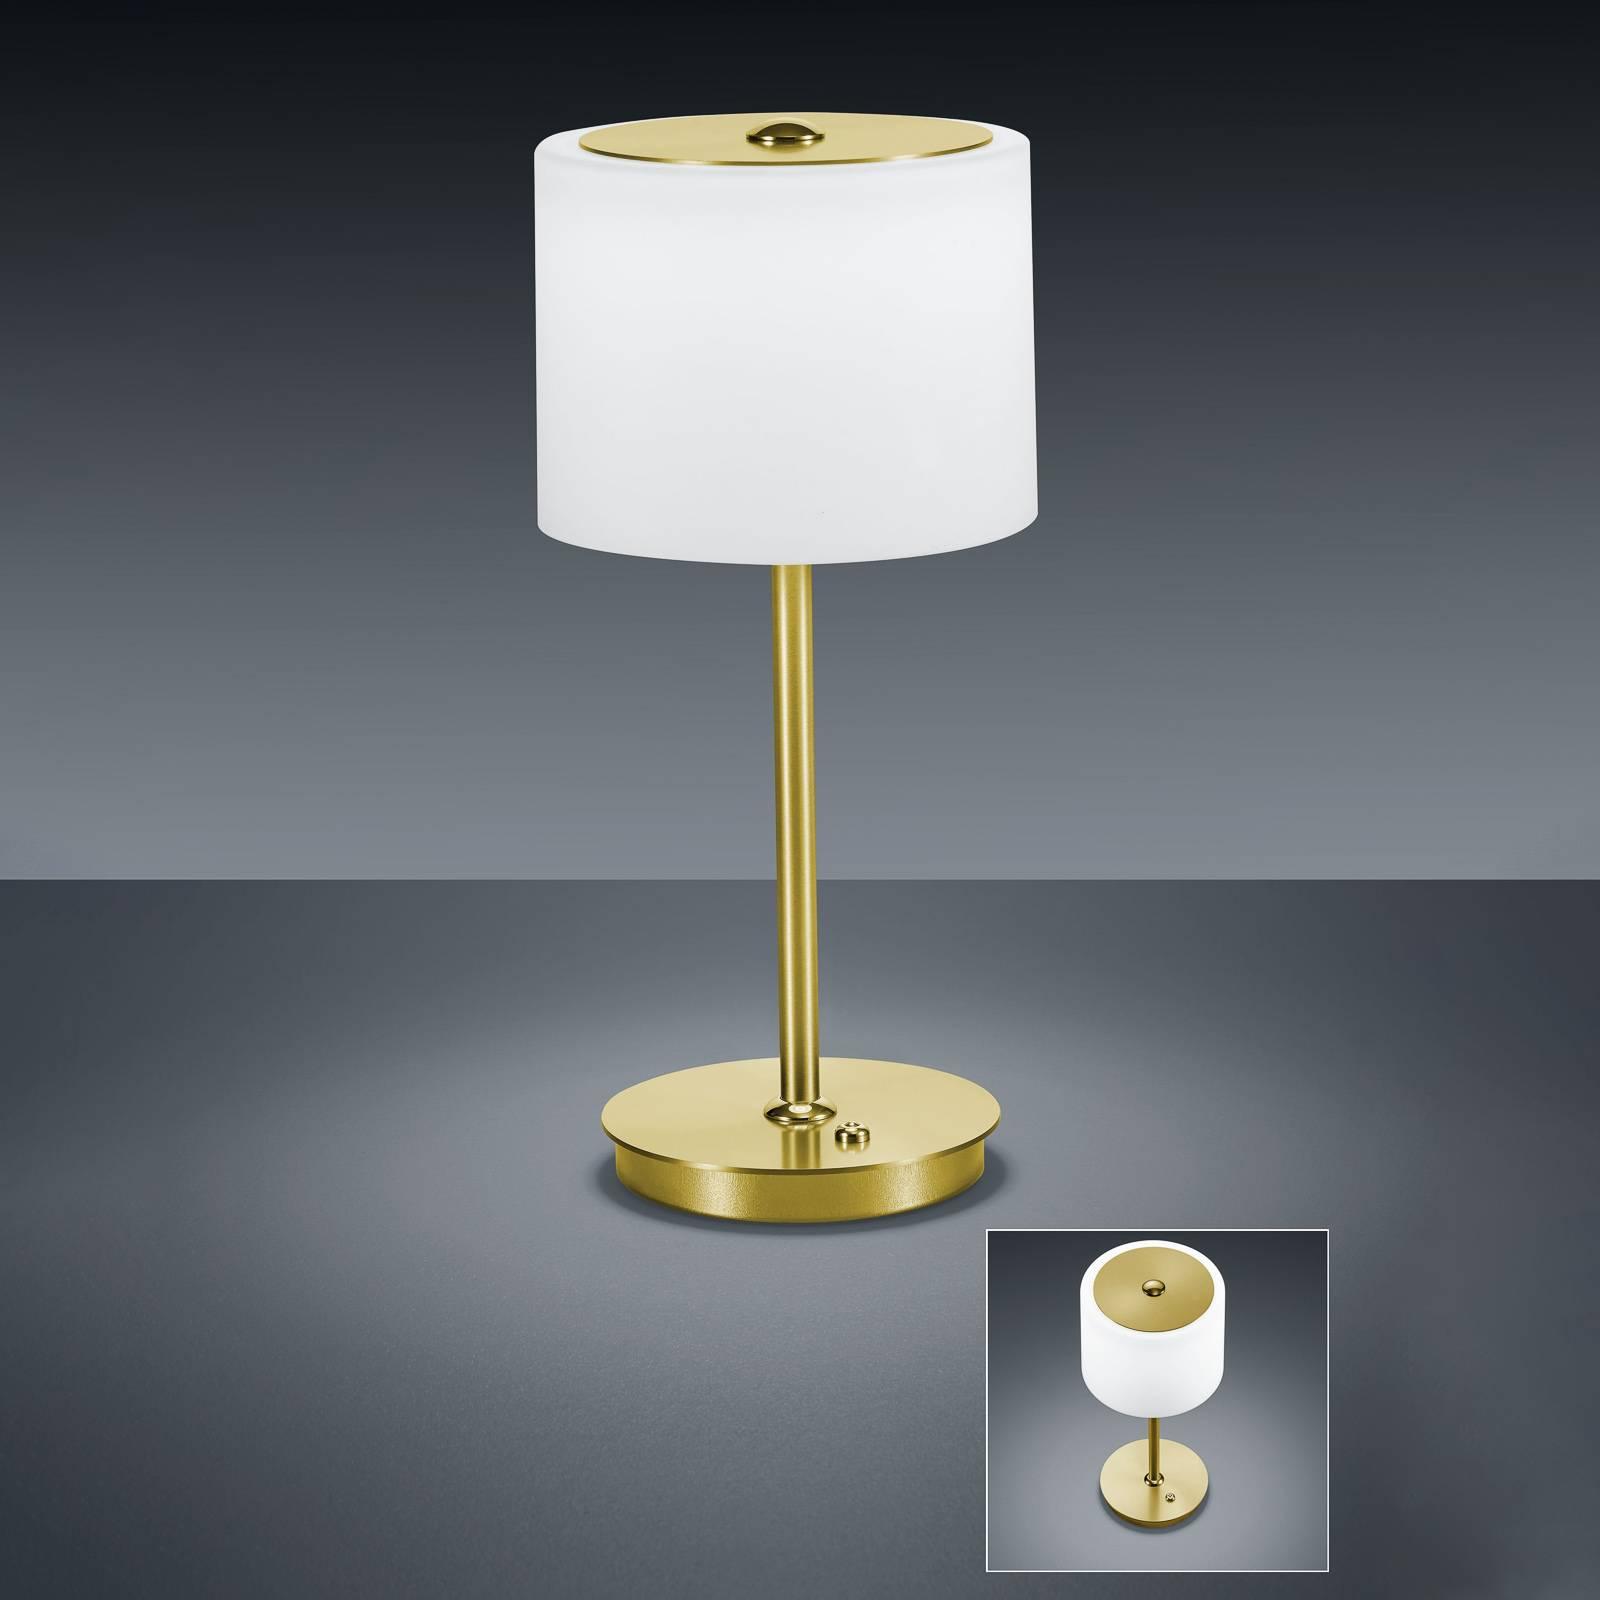 BANKAMP Grazia LED-pöytälamppu ZigBee, messinki